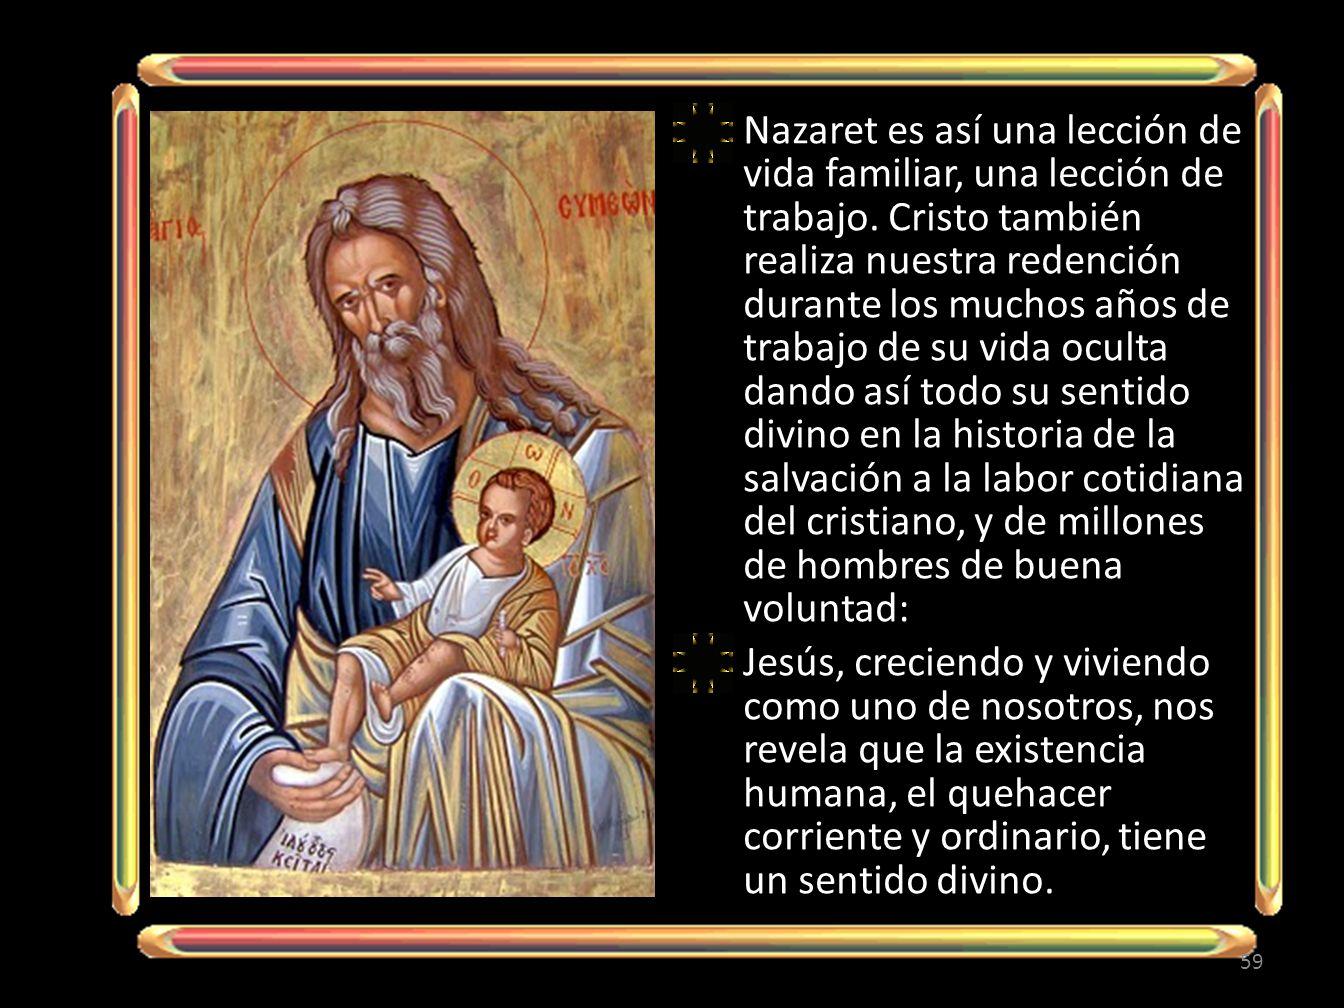 Nazaret es así una lección de vida familiar, una lección de trabajo